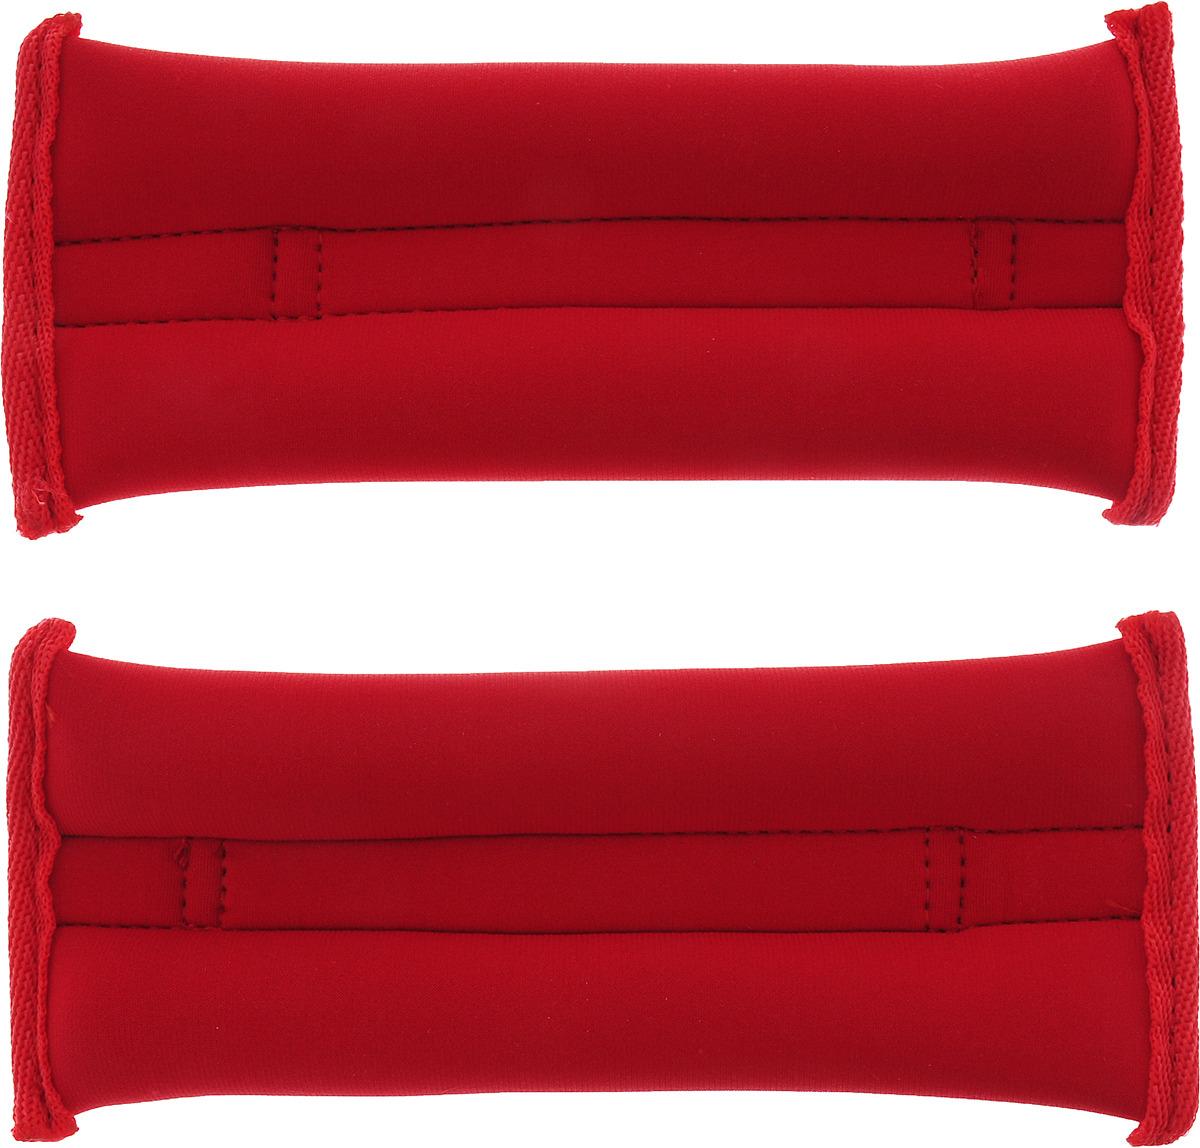 Утяжелитель спортивный Indigo Неопреновые, цвет: красный, 0,2 кг, 2 шт утяжелитель спортивный indigo неопреновые цвет красный 0 2 кг 2 шт